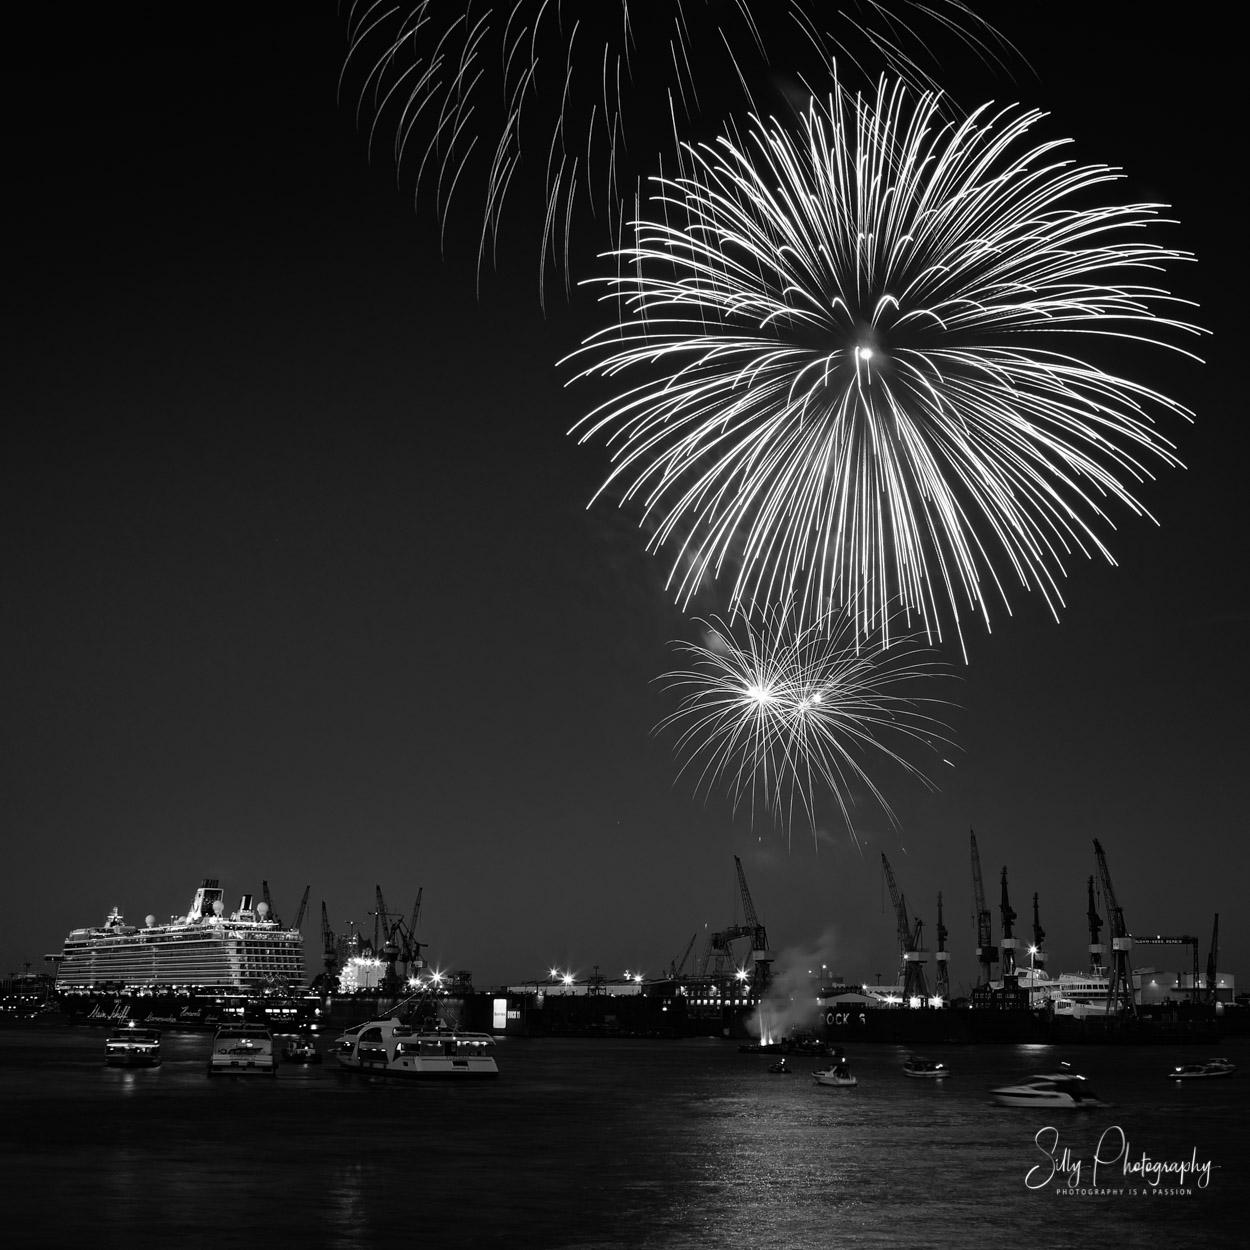 Hamburg / Hamburger Hafen / Hafencity / Mein Schiff 3, Schiffstaufe, Feuerwerk, 2014, © Silly Photography